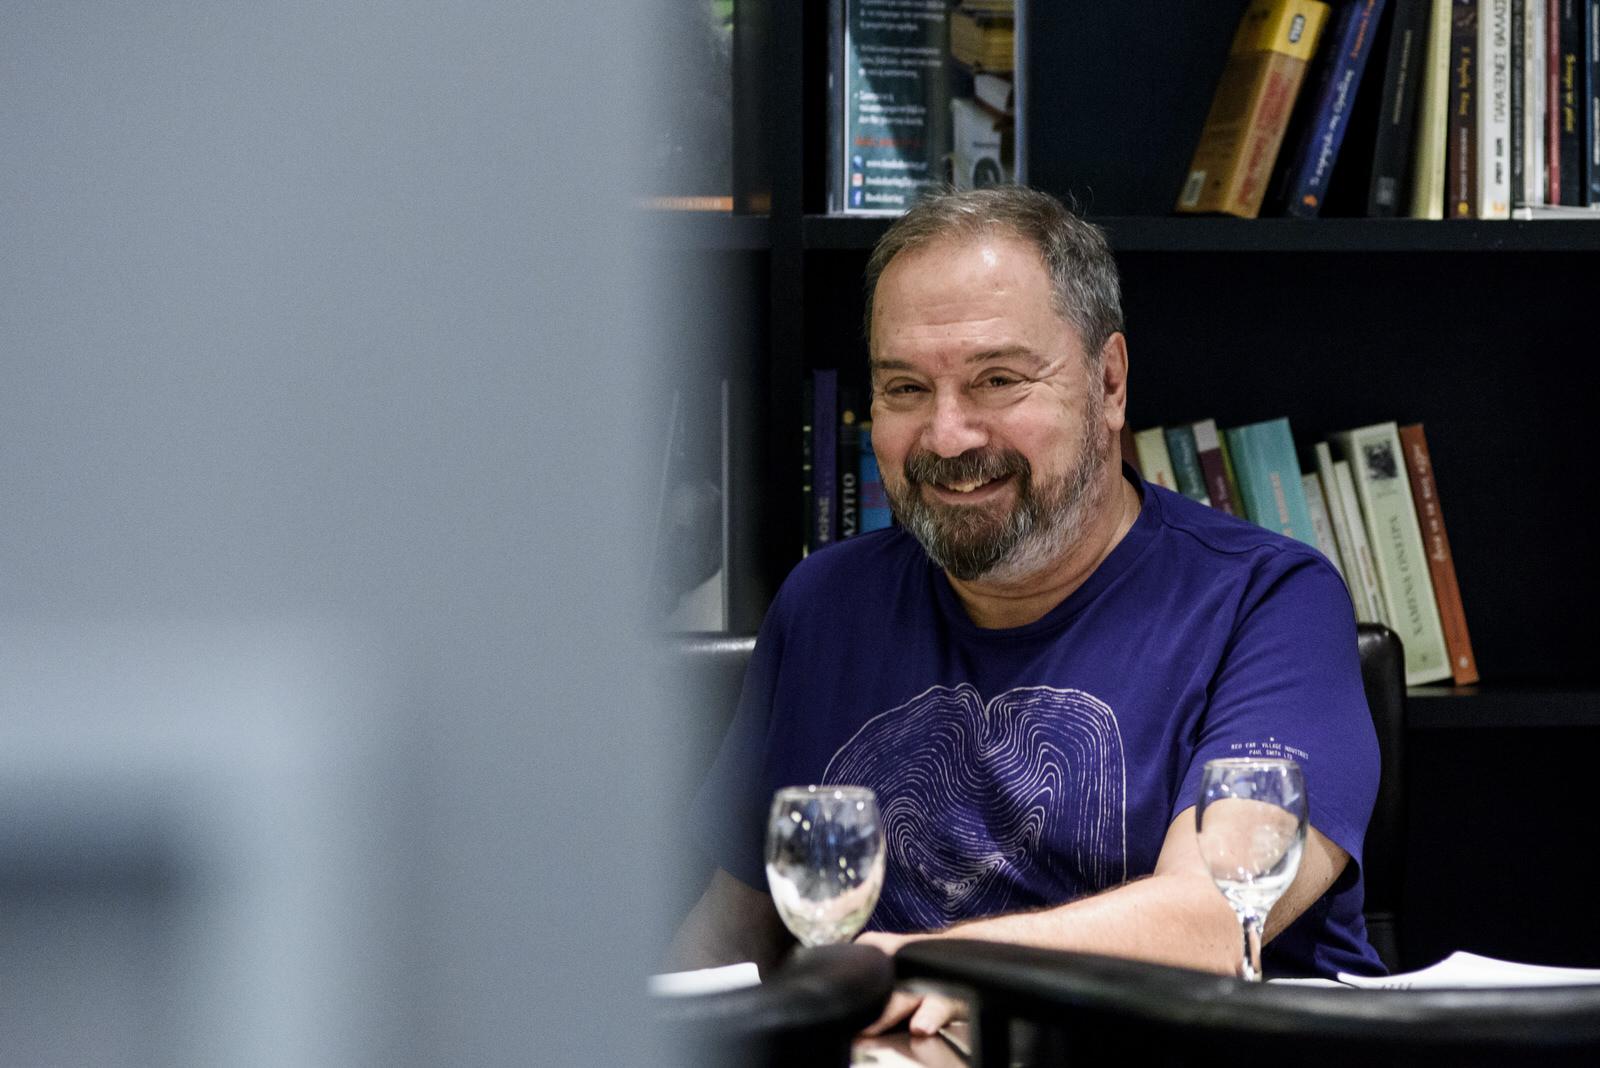 Fasoulis Stamatis library smile